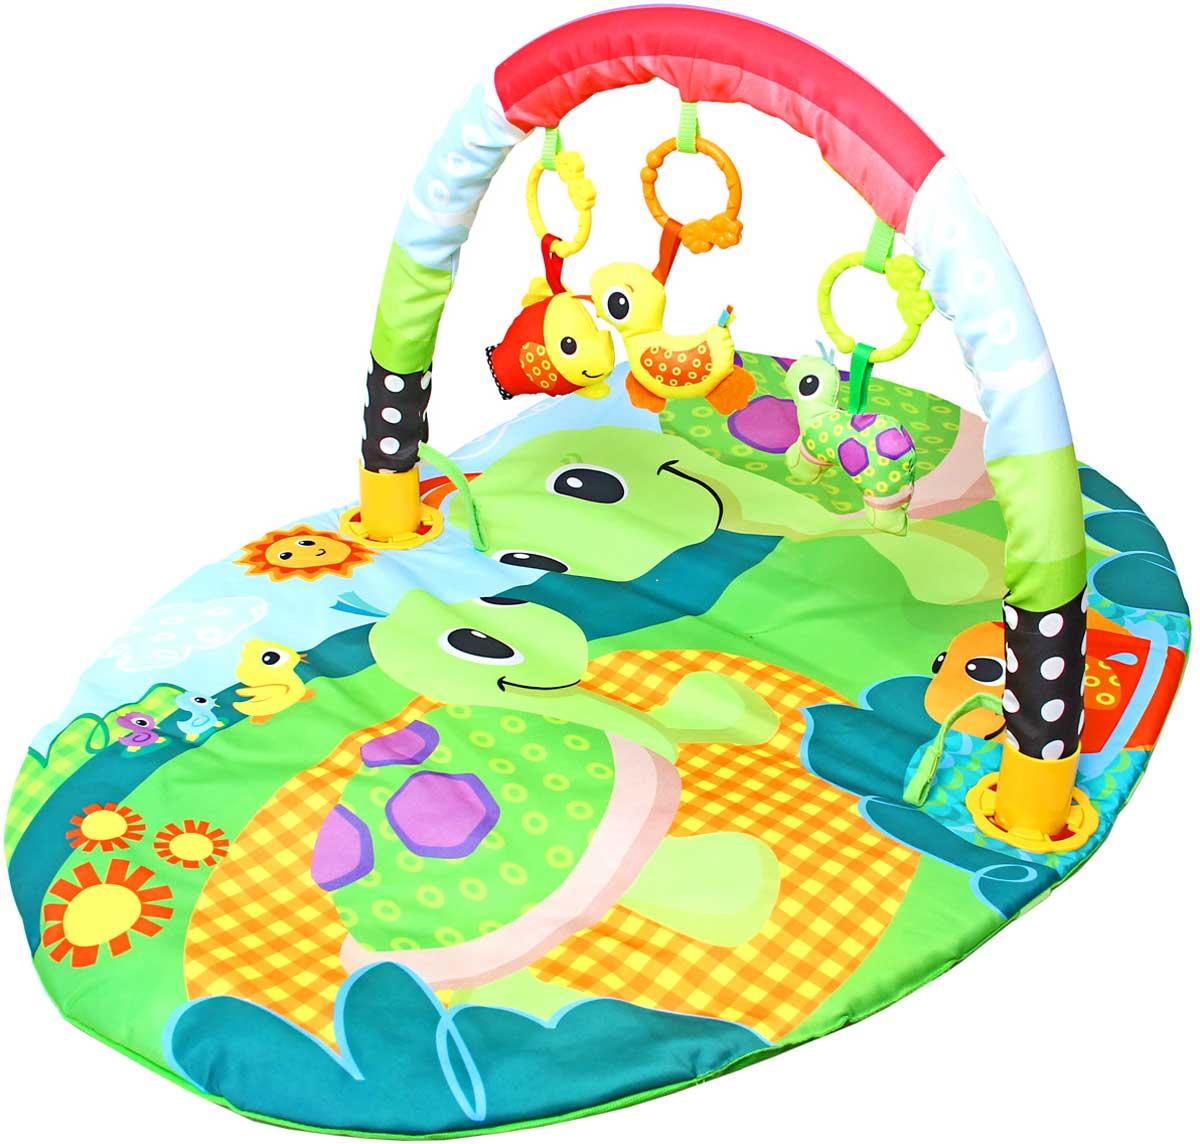 Ути-Пути Развивающий коврик Веселые черепашки развивающий коврик baby mix мишка на волнах 3261ce 62104